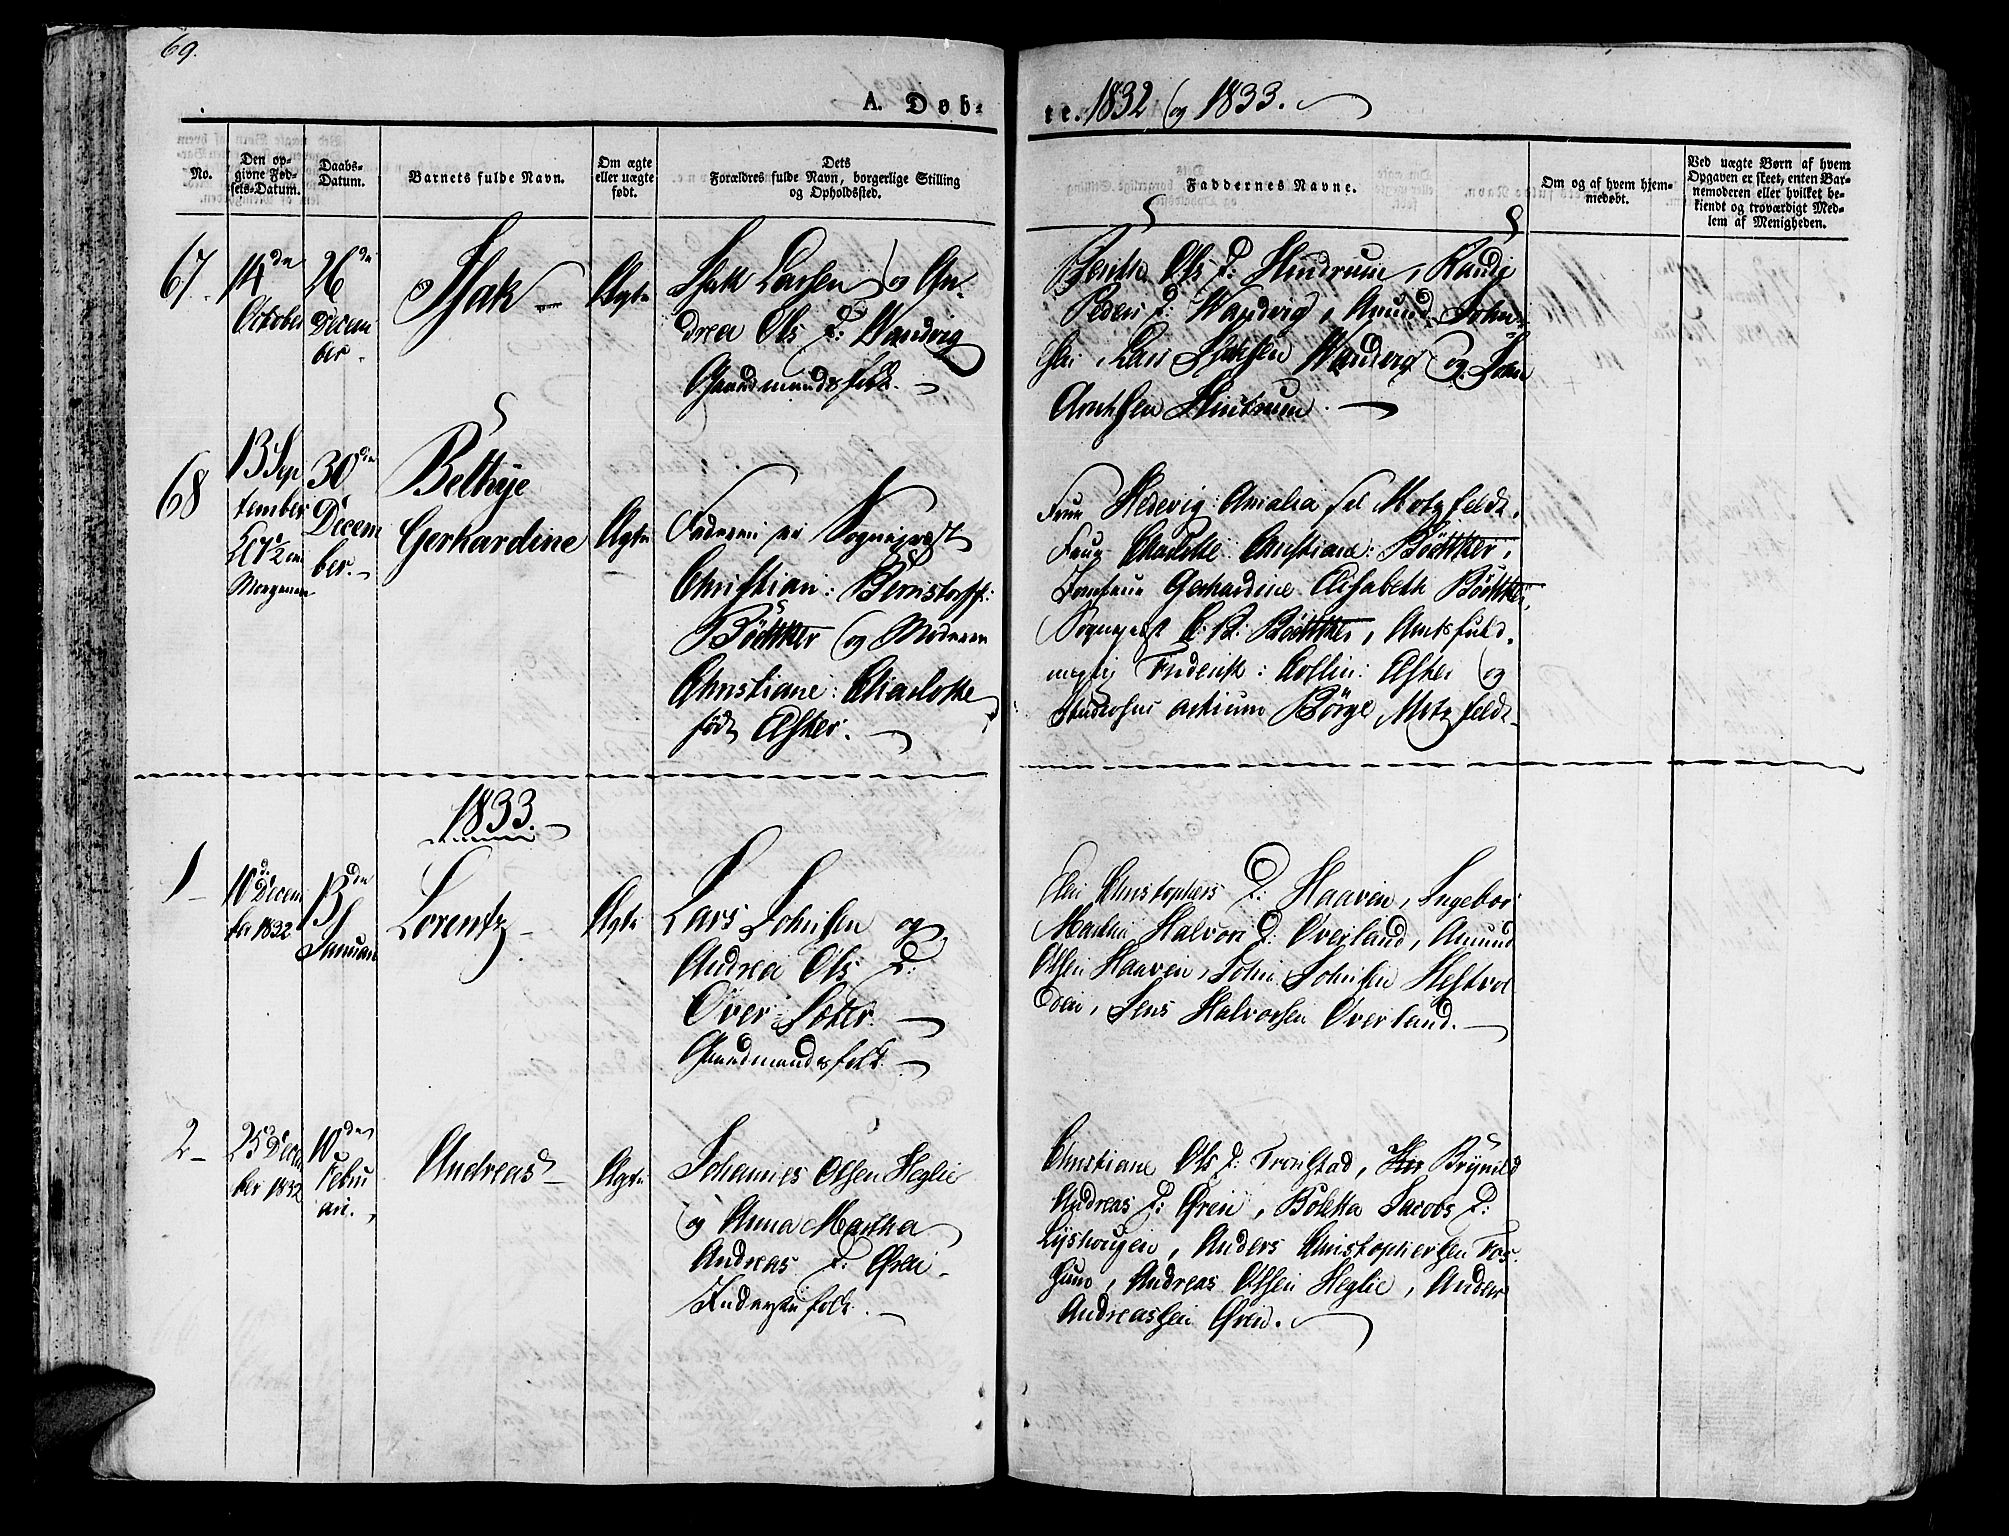 SAT, Ministerialprotokoller, klokkerbøker og fødselsregistre - Nord-Trøndelag, 701/L0006: Ministerialbok nr. 701A06, 1825-1841, s. 69